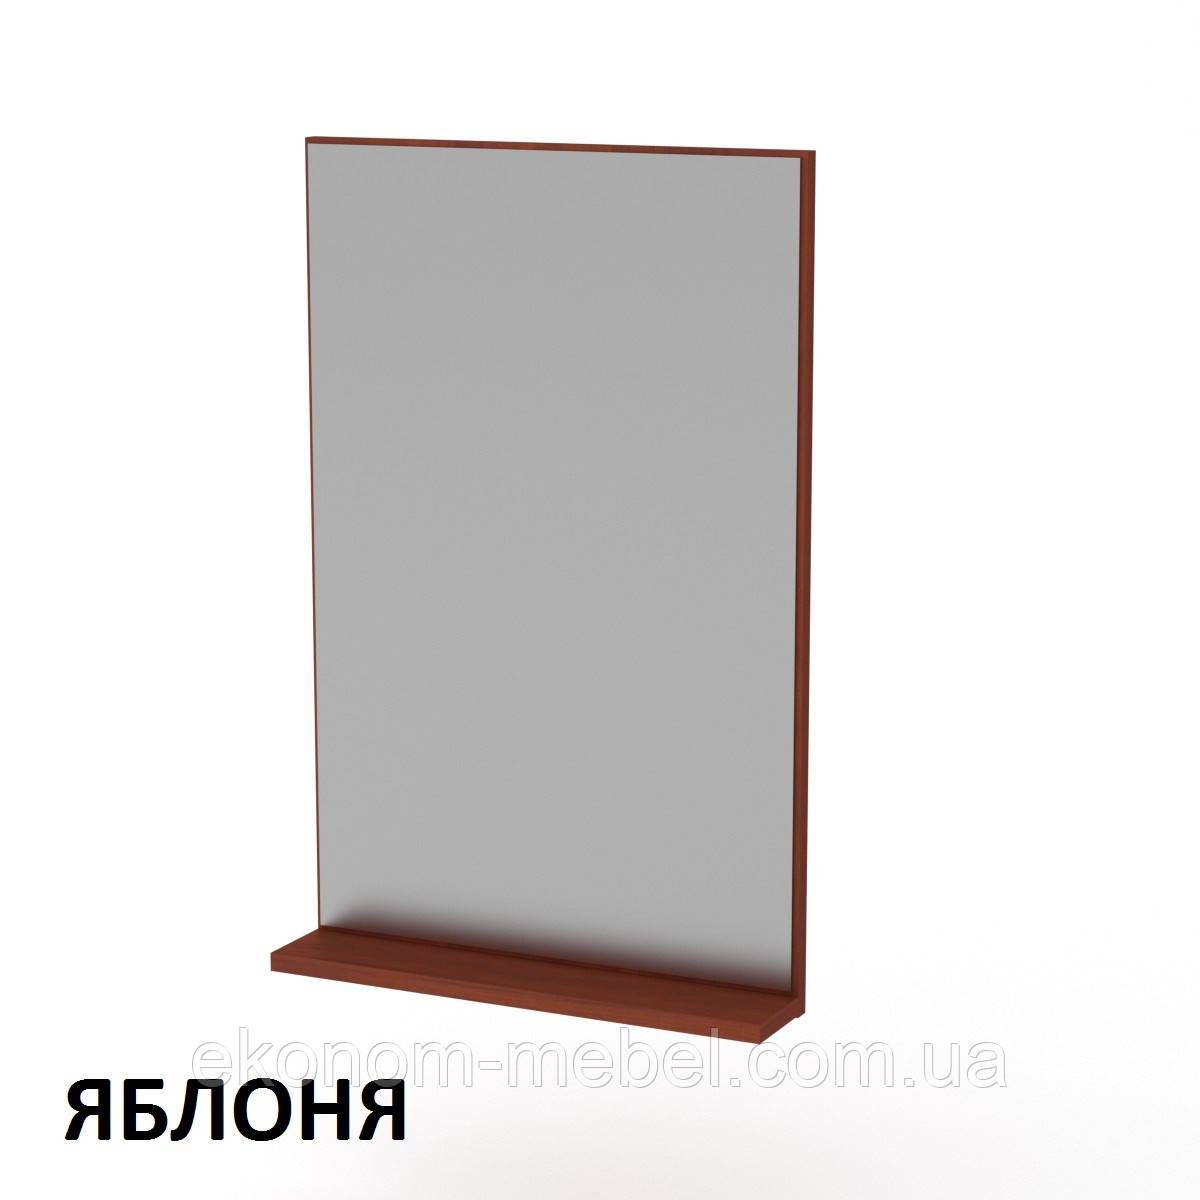 Зеркало-2 для прихожей с полочкой